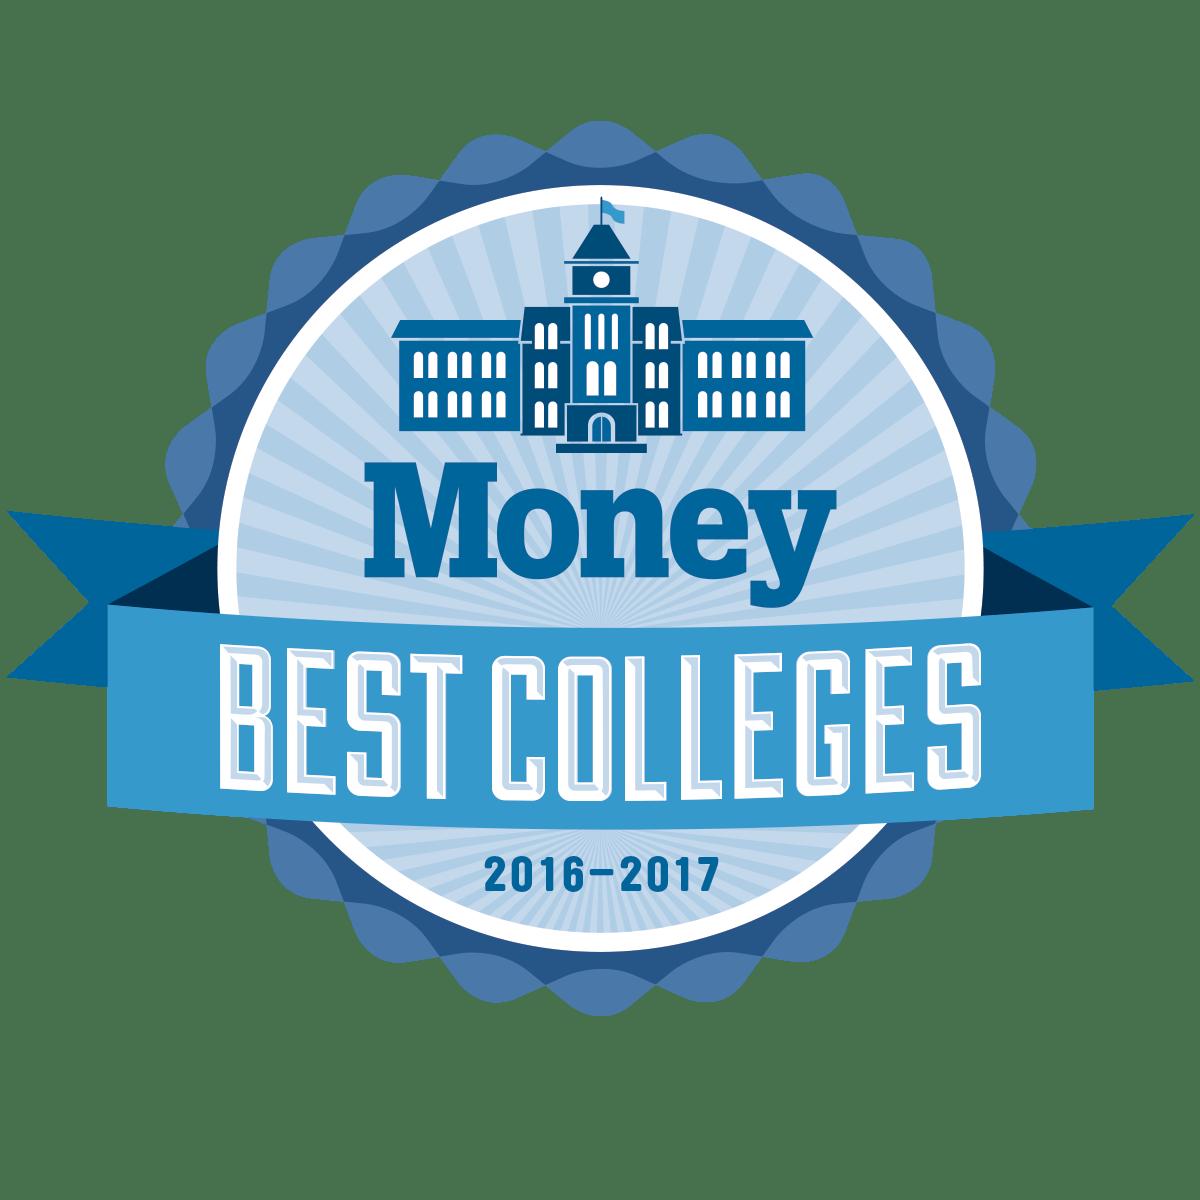 Money_Best Colleges logo 2016-2017